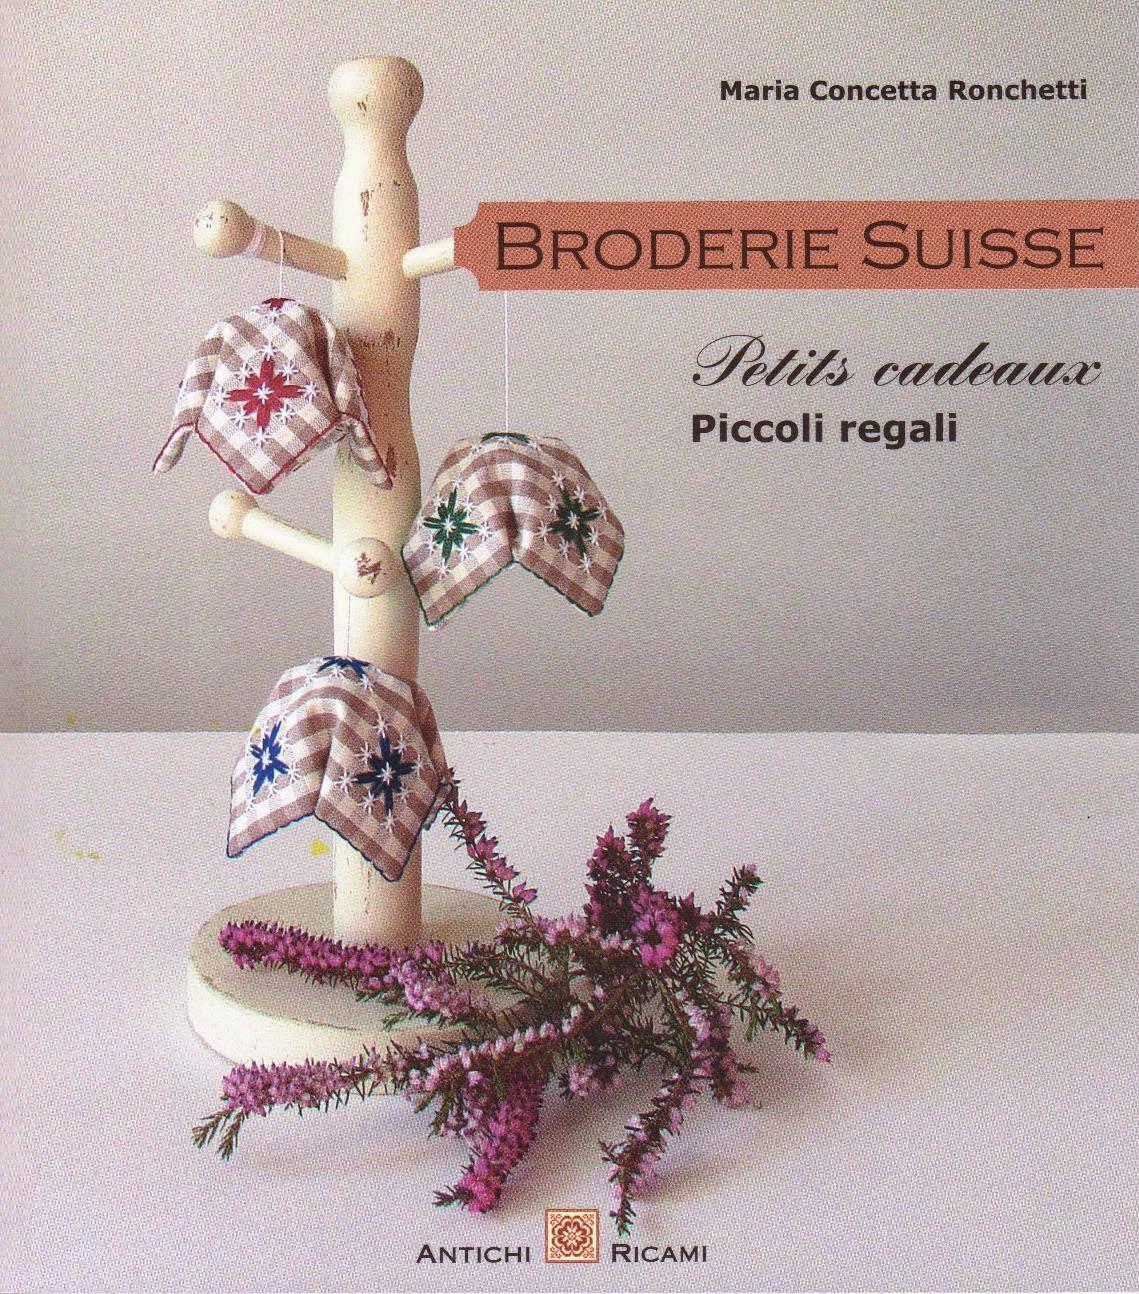 Broderie suisse, Petits cadeaux, Piccoli regali